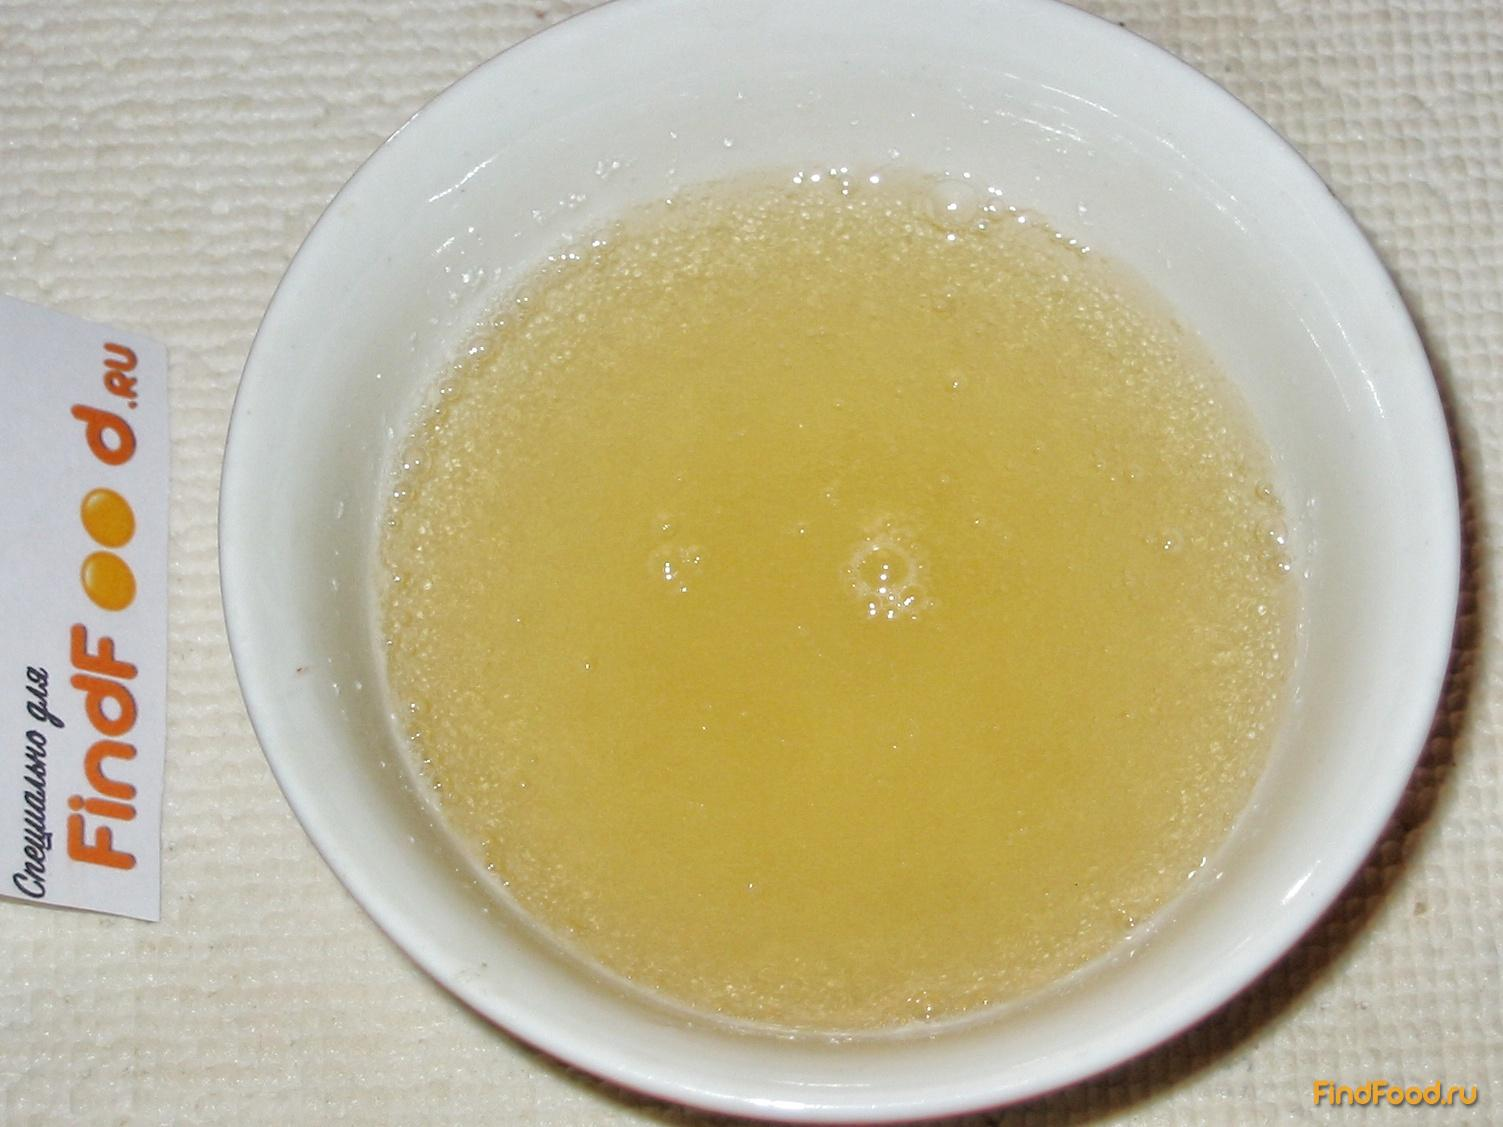 Десерт из желатина с творогом фото рецепт пошаговый